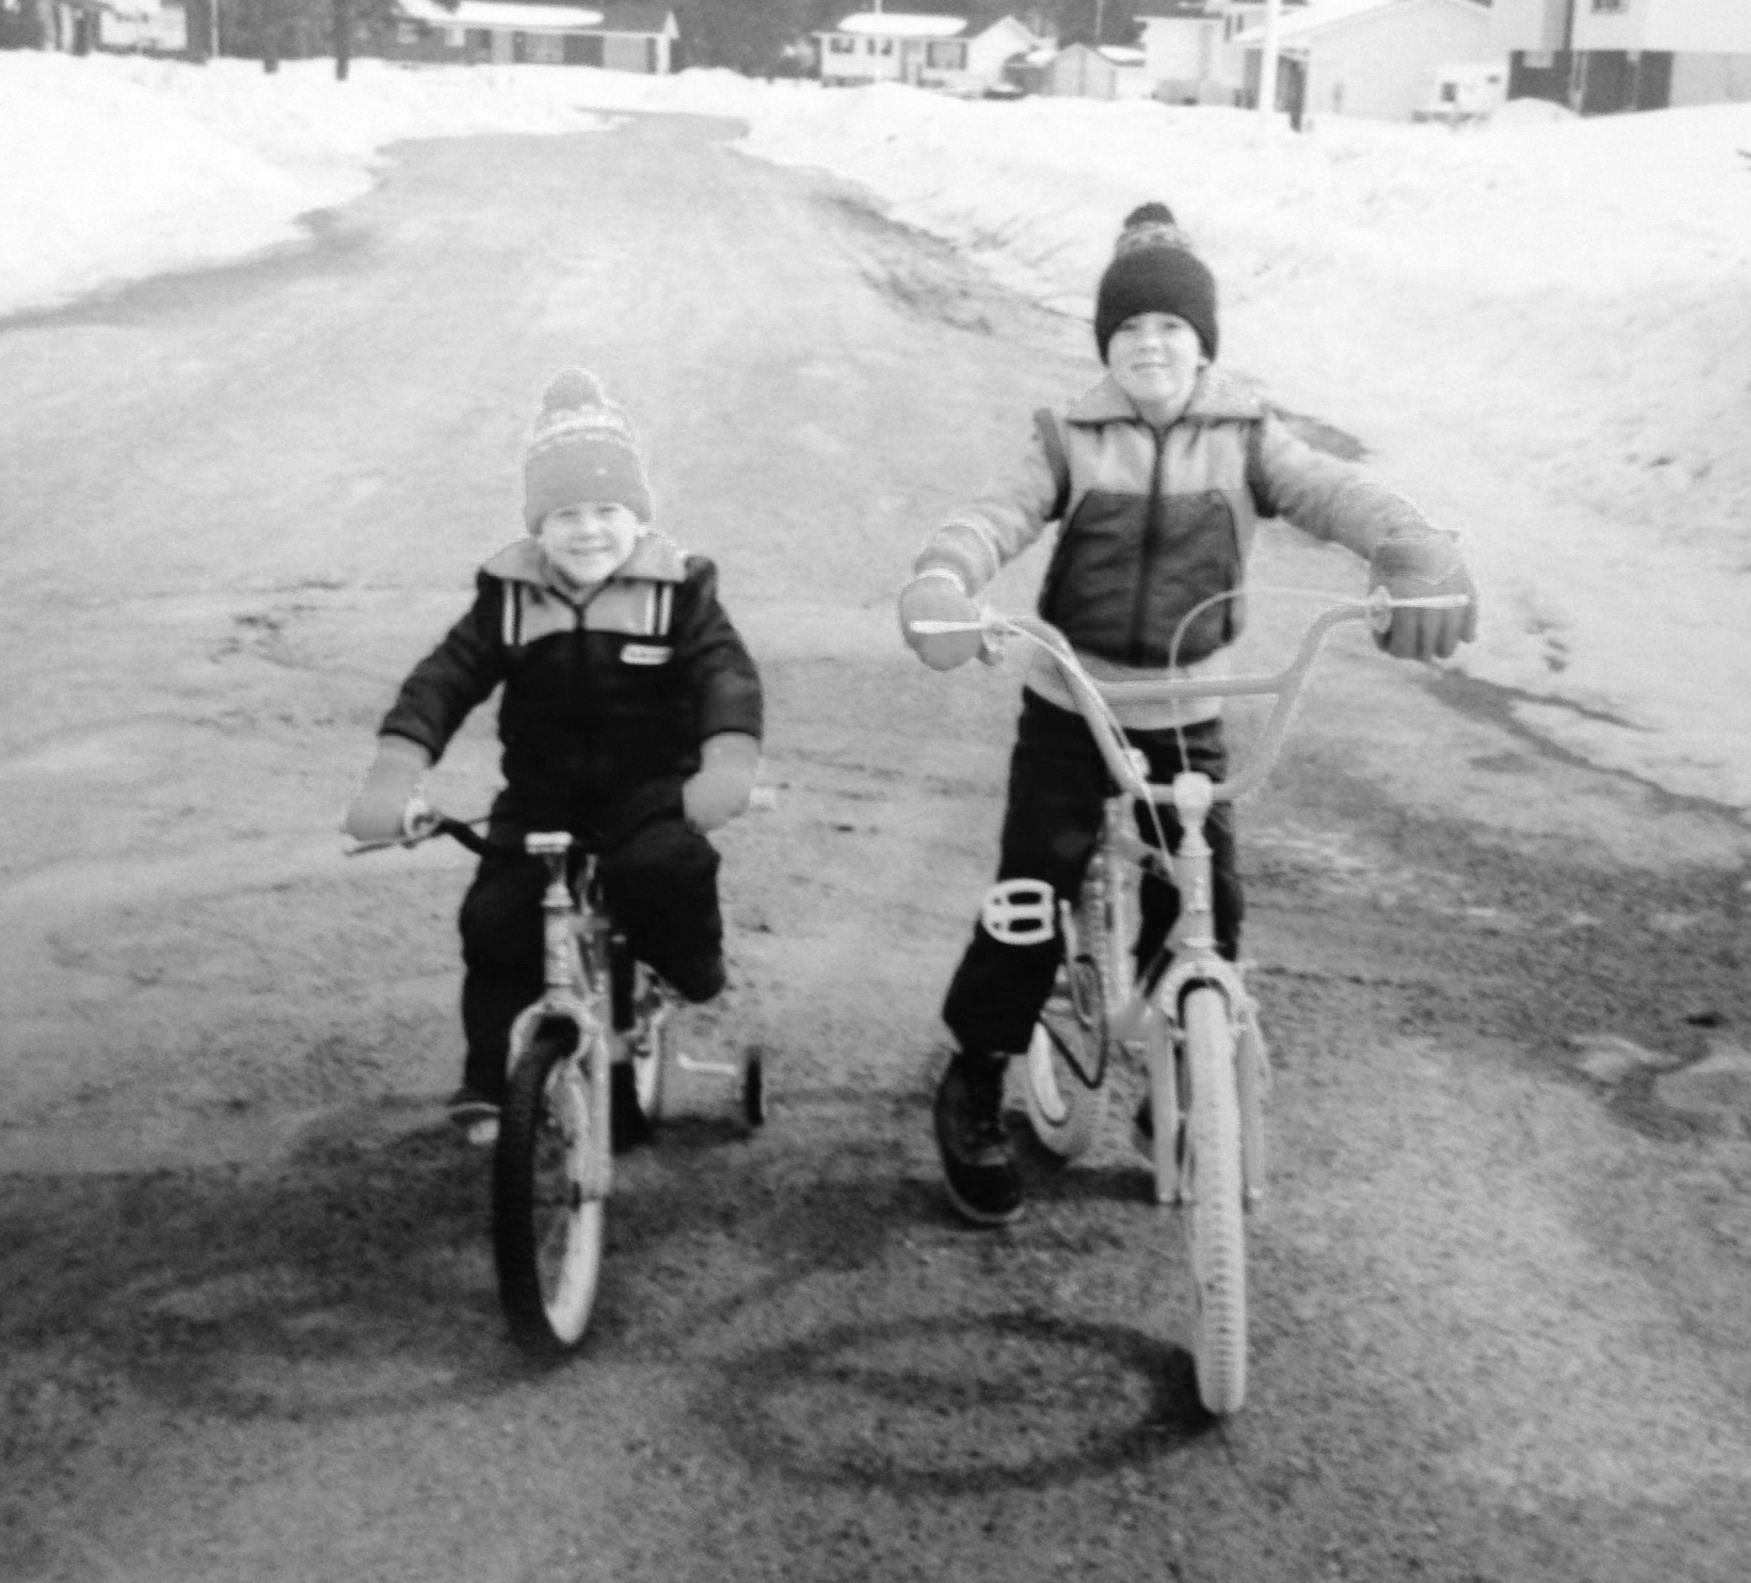 Life with bikes. - Dan Nielsen (L) & Matt Nielsen (R), sons of Kurt Nielsen, pictured here.